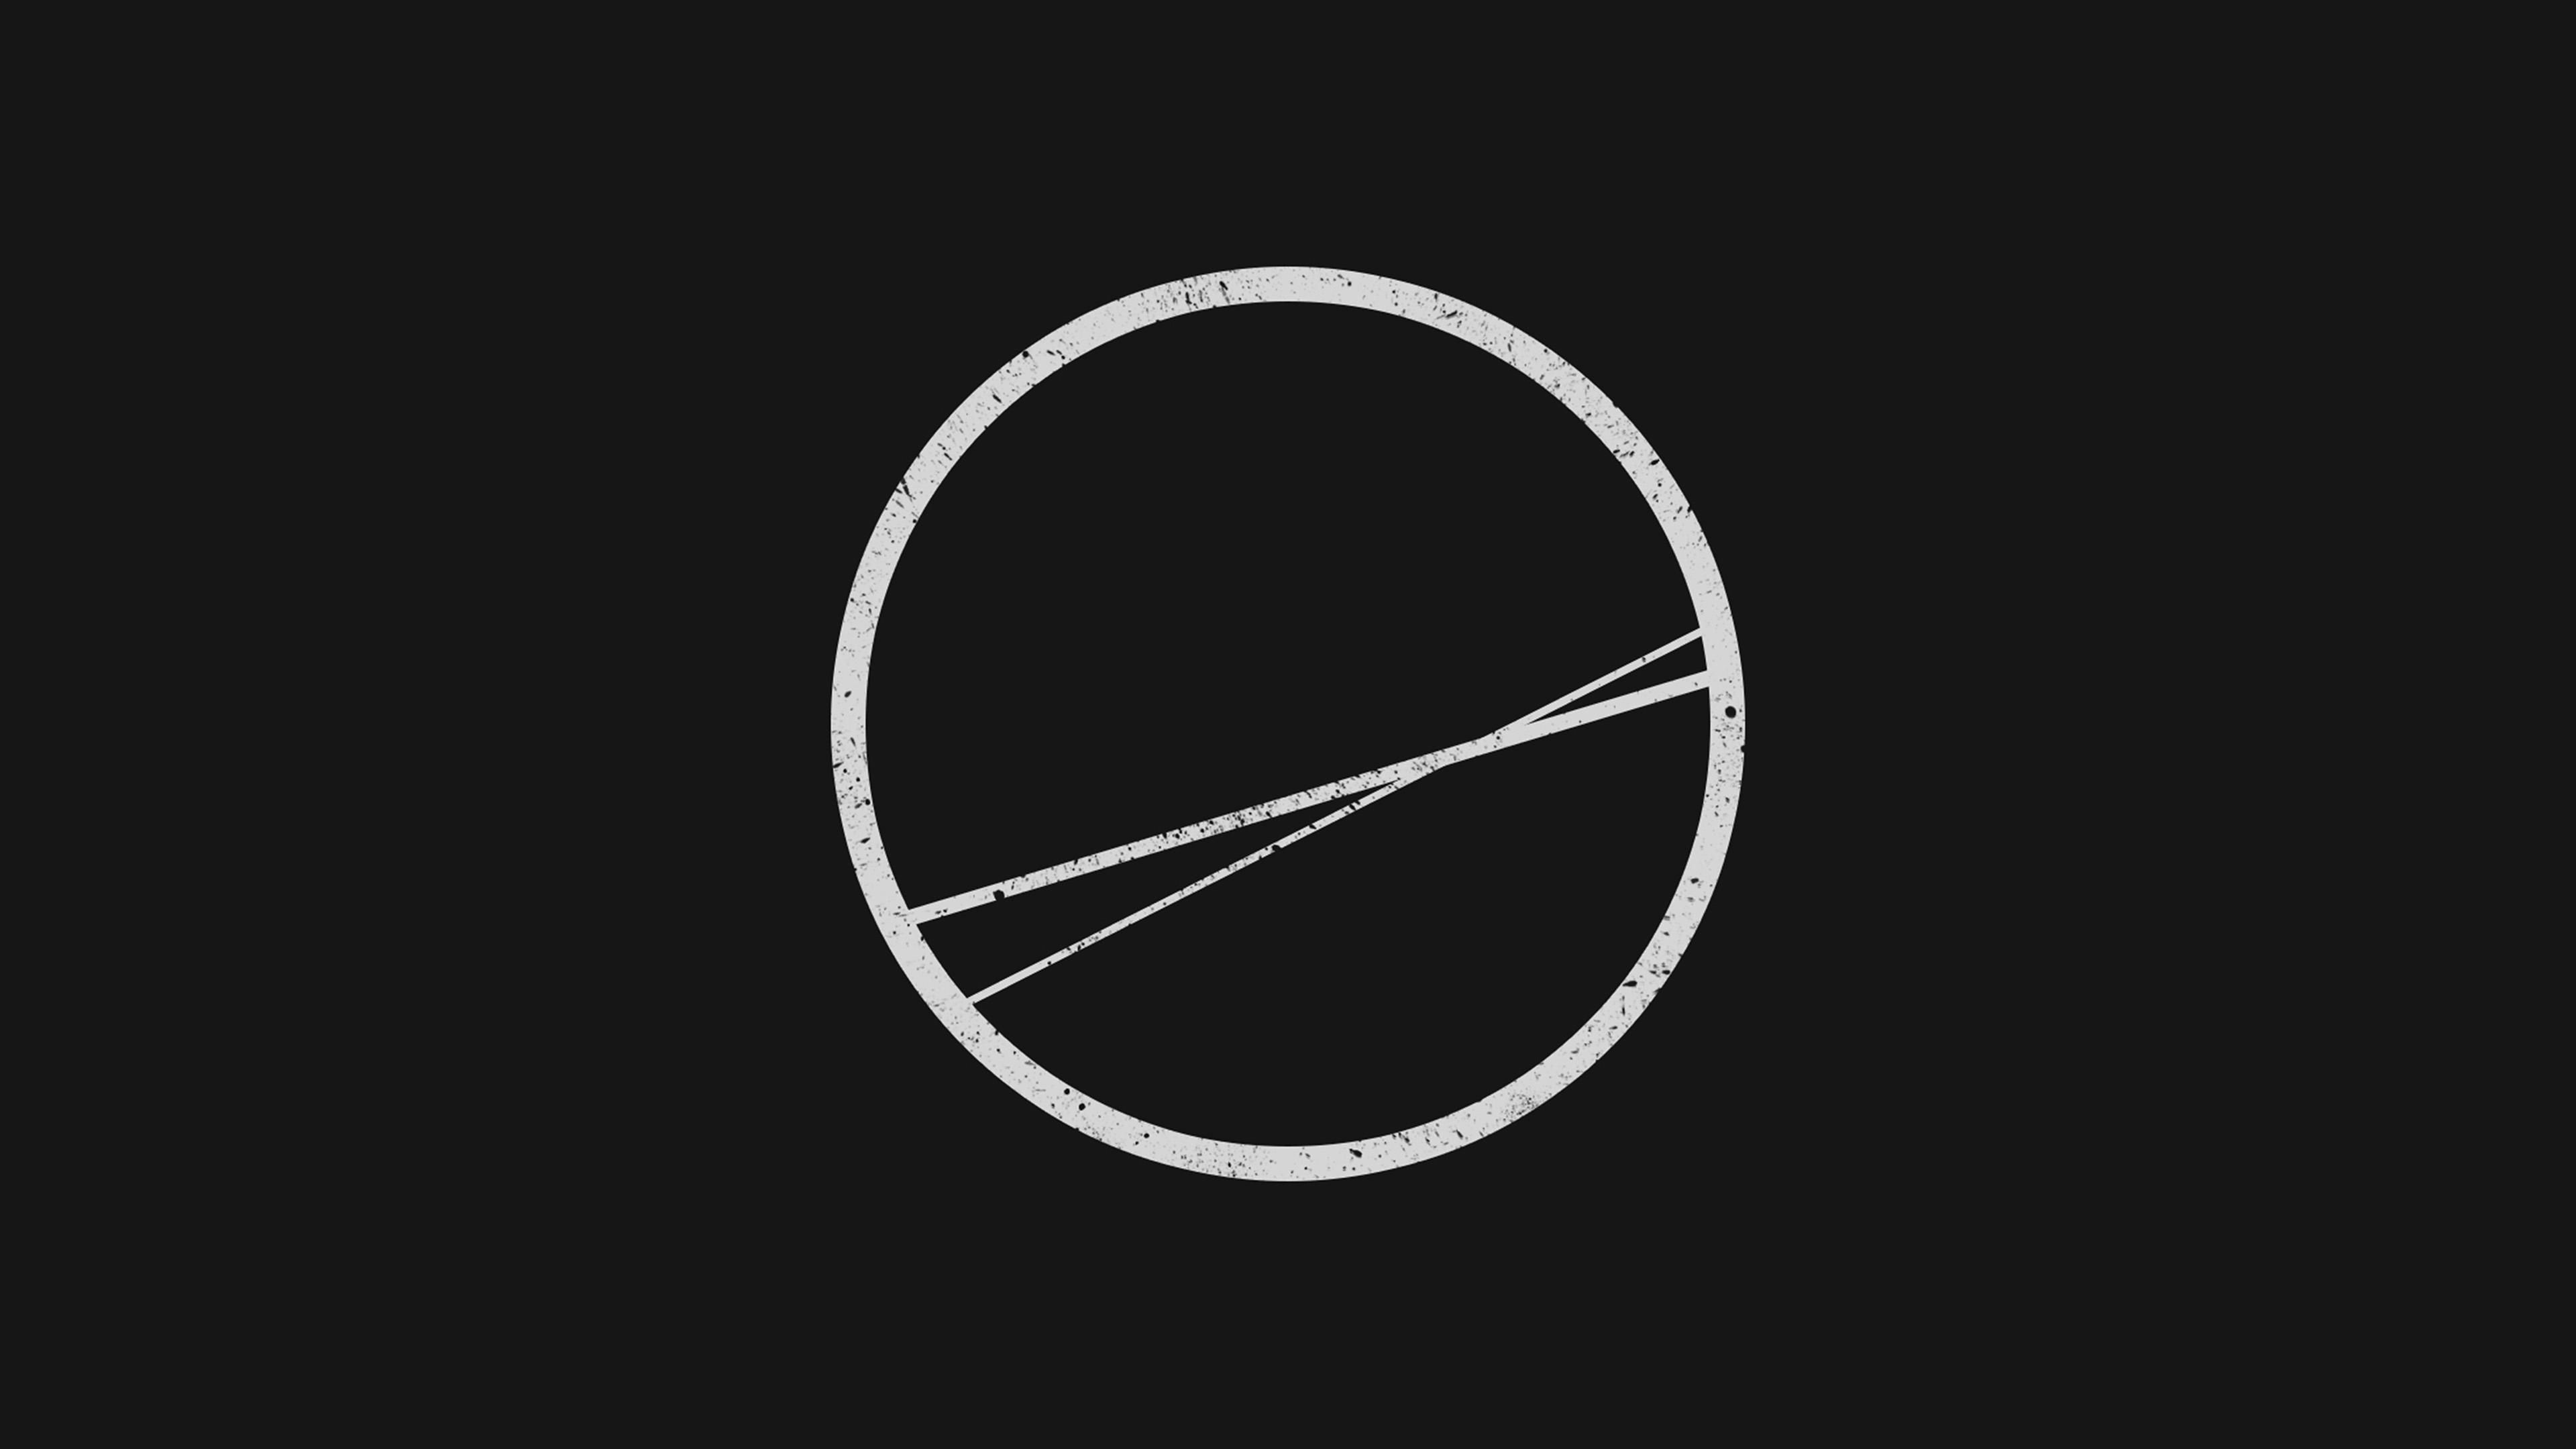 Simple Minimalist Ipad Wallpaper: Bc77-minimal-simple-circle-art